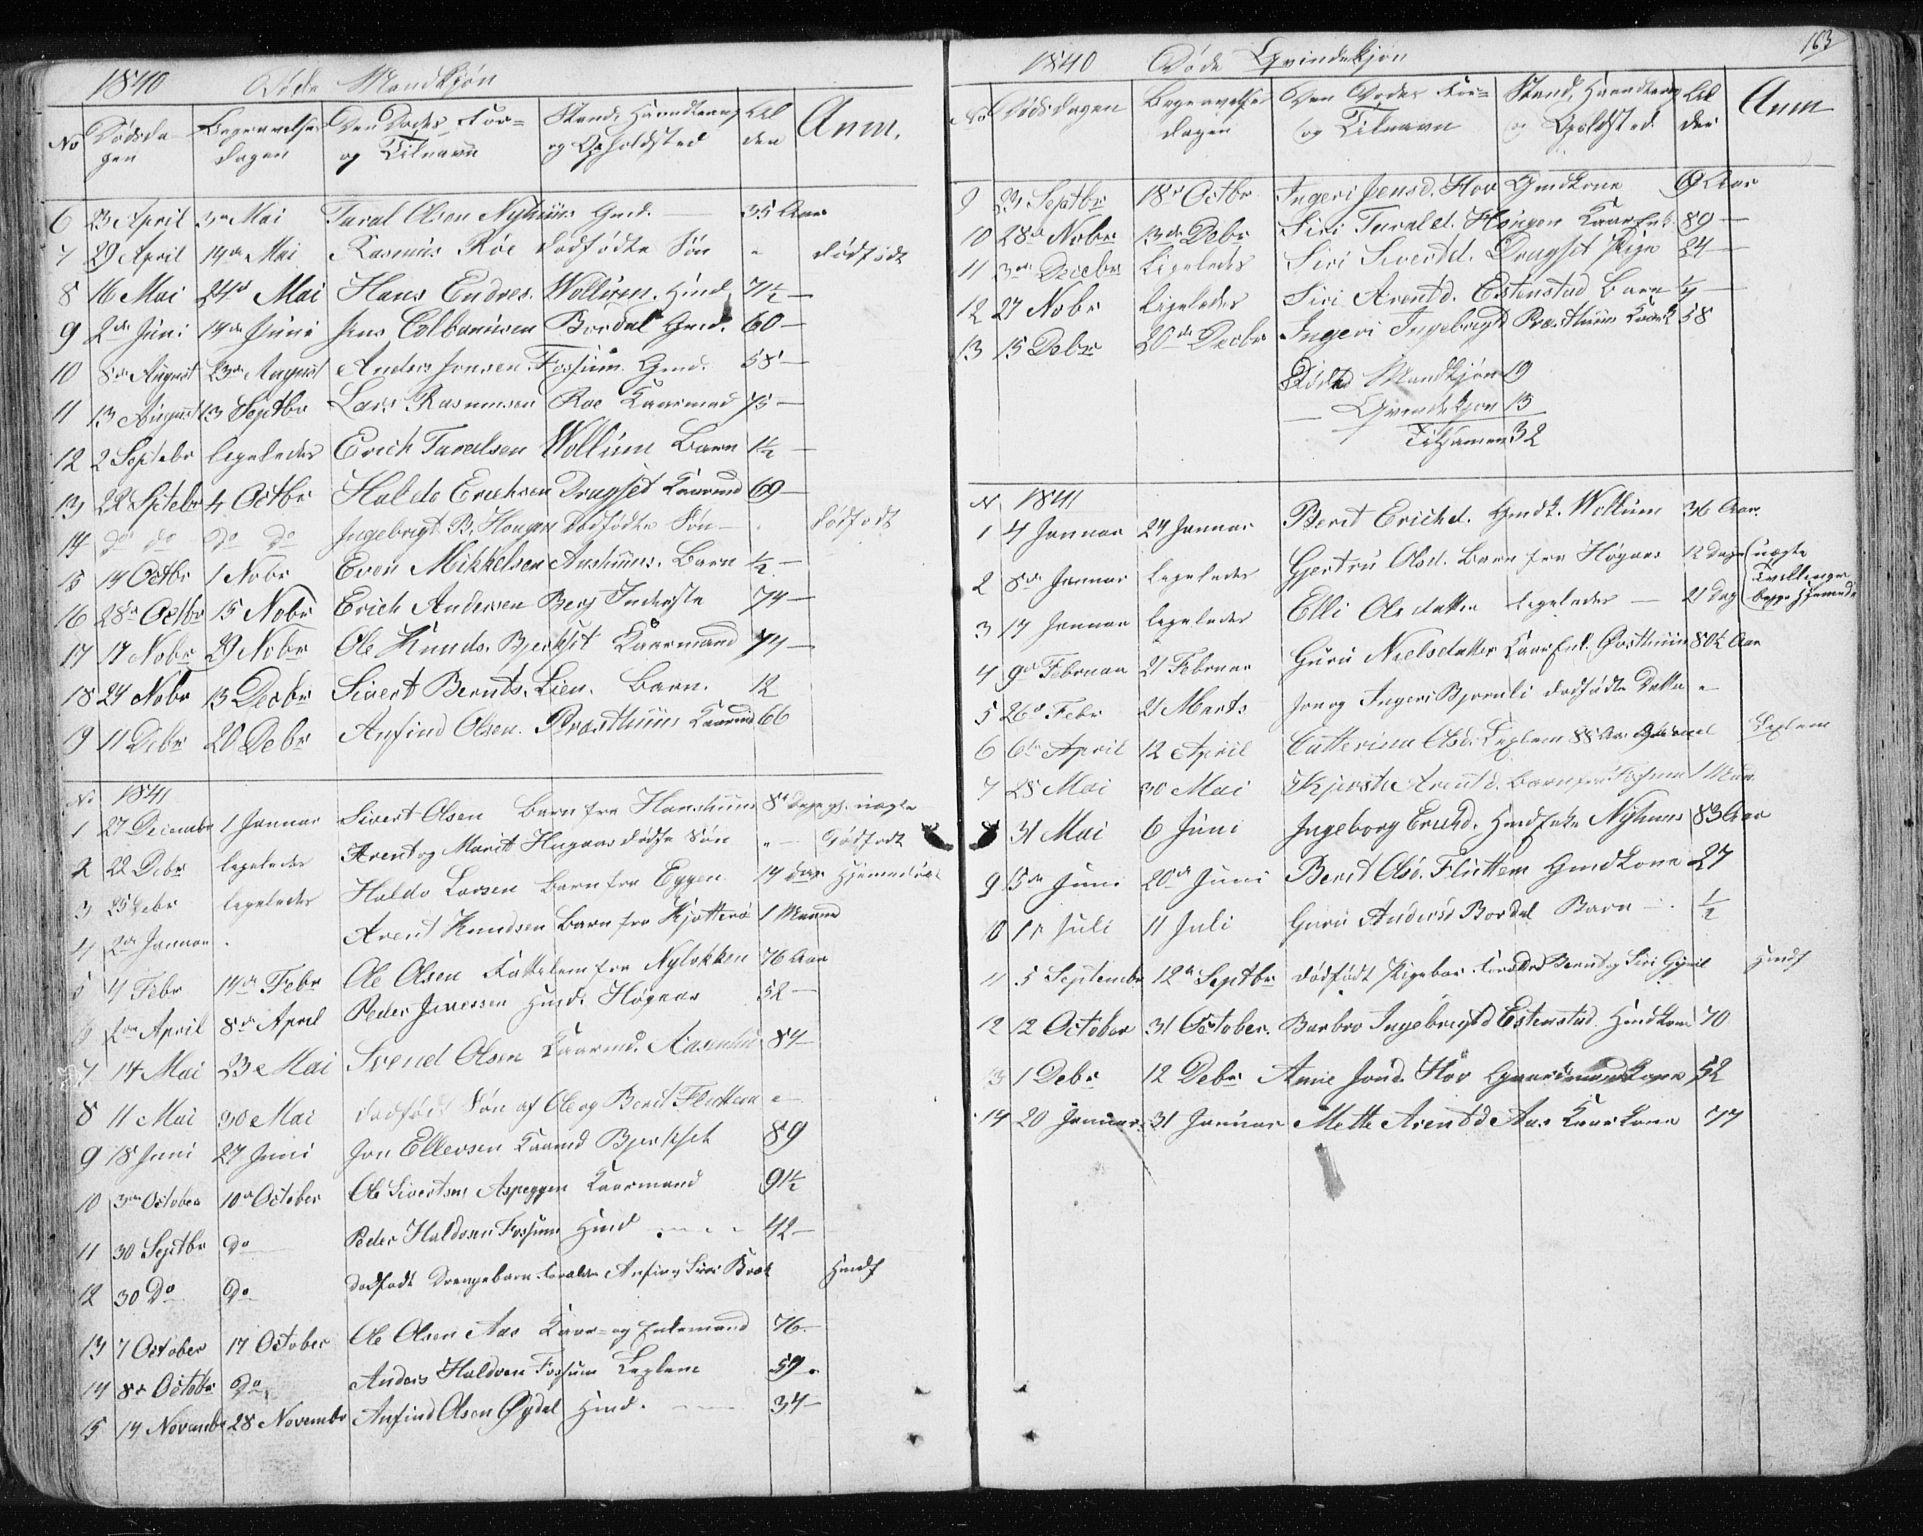 SAT, Ministerialprotokoller, klokkerbøker og fødselsregistre - Sør-Trøndelag, 689/L1043: Klokkerbok nr. 689C02, 1816-1892, s. 163